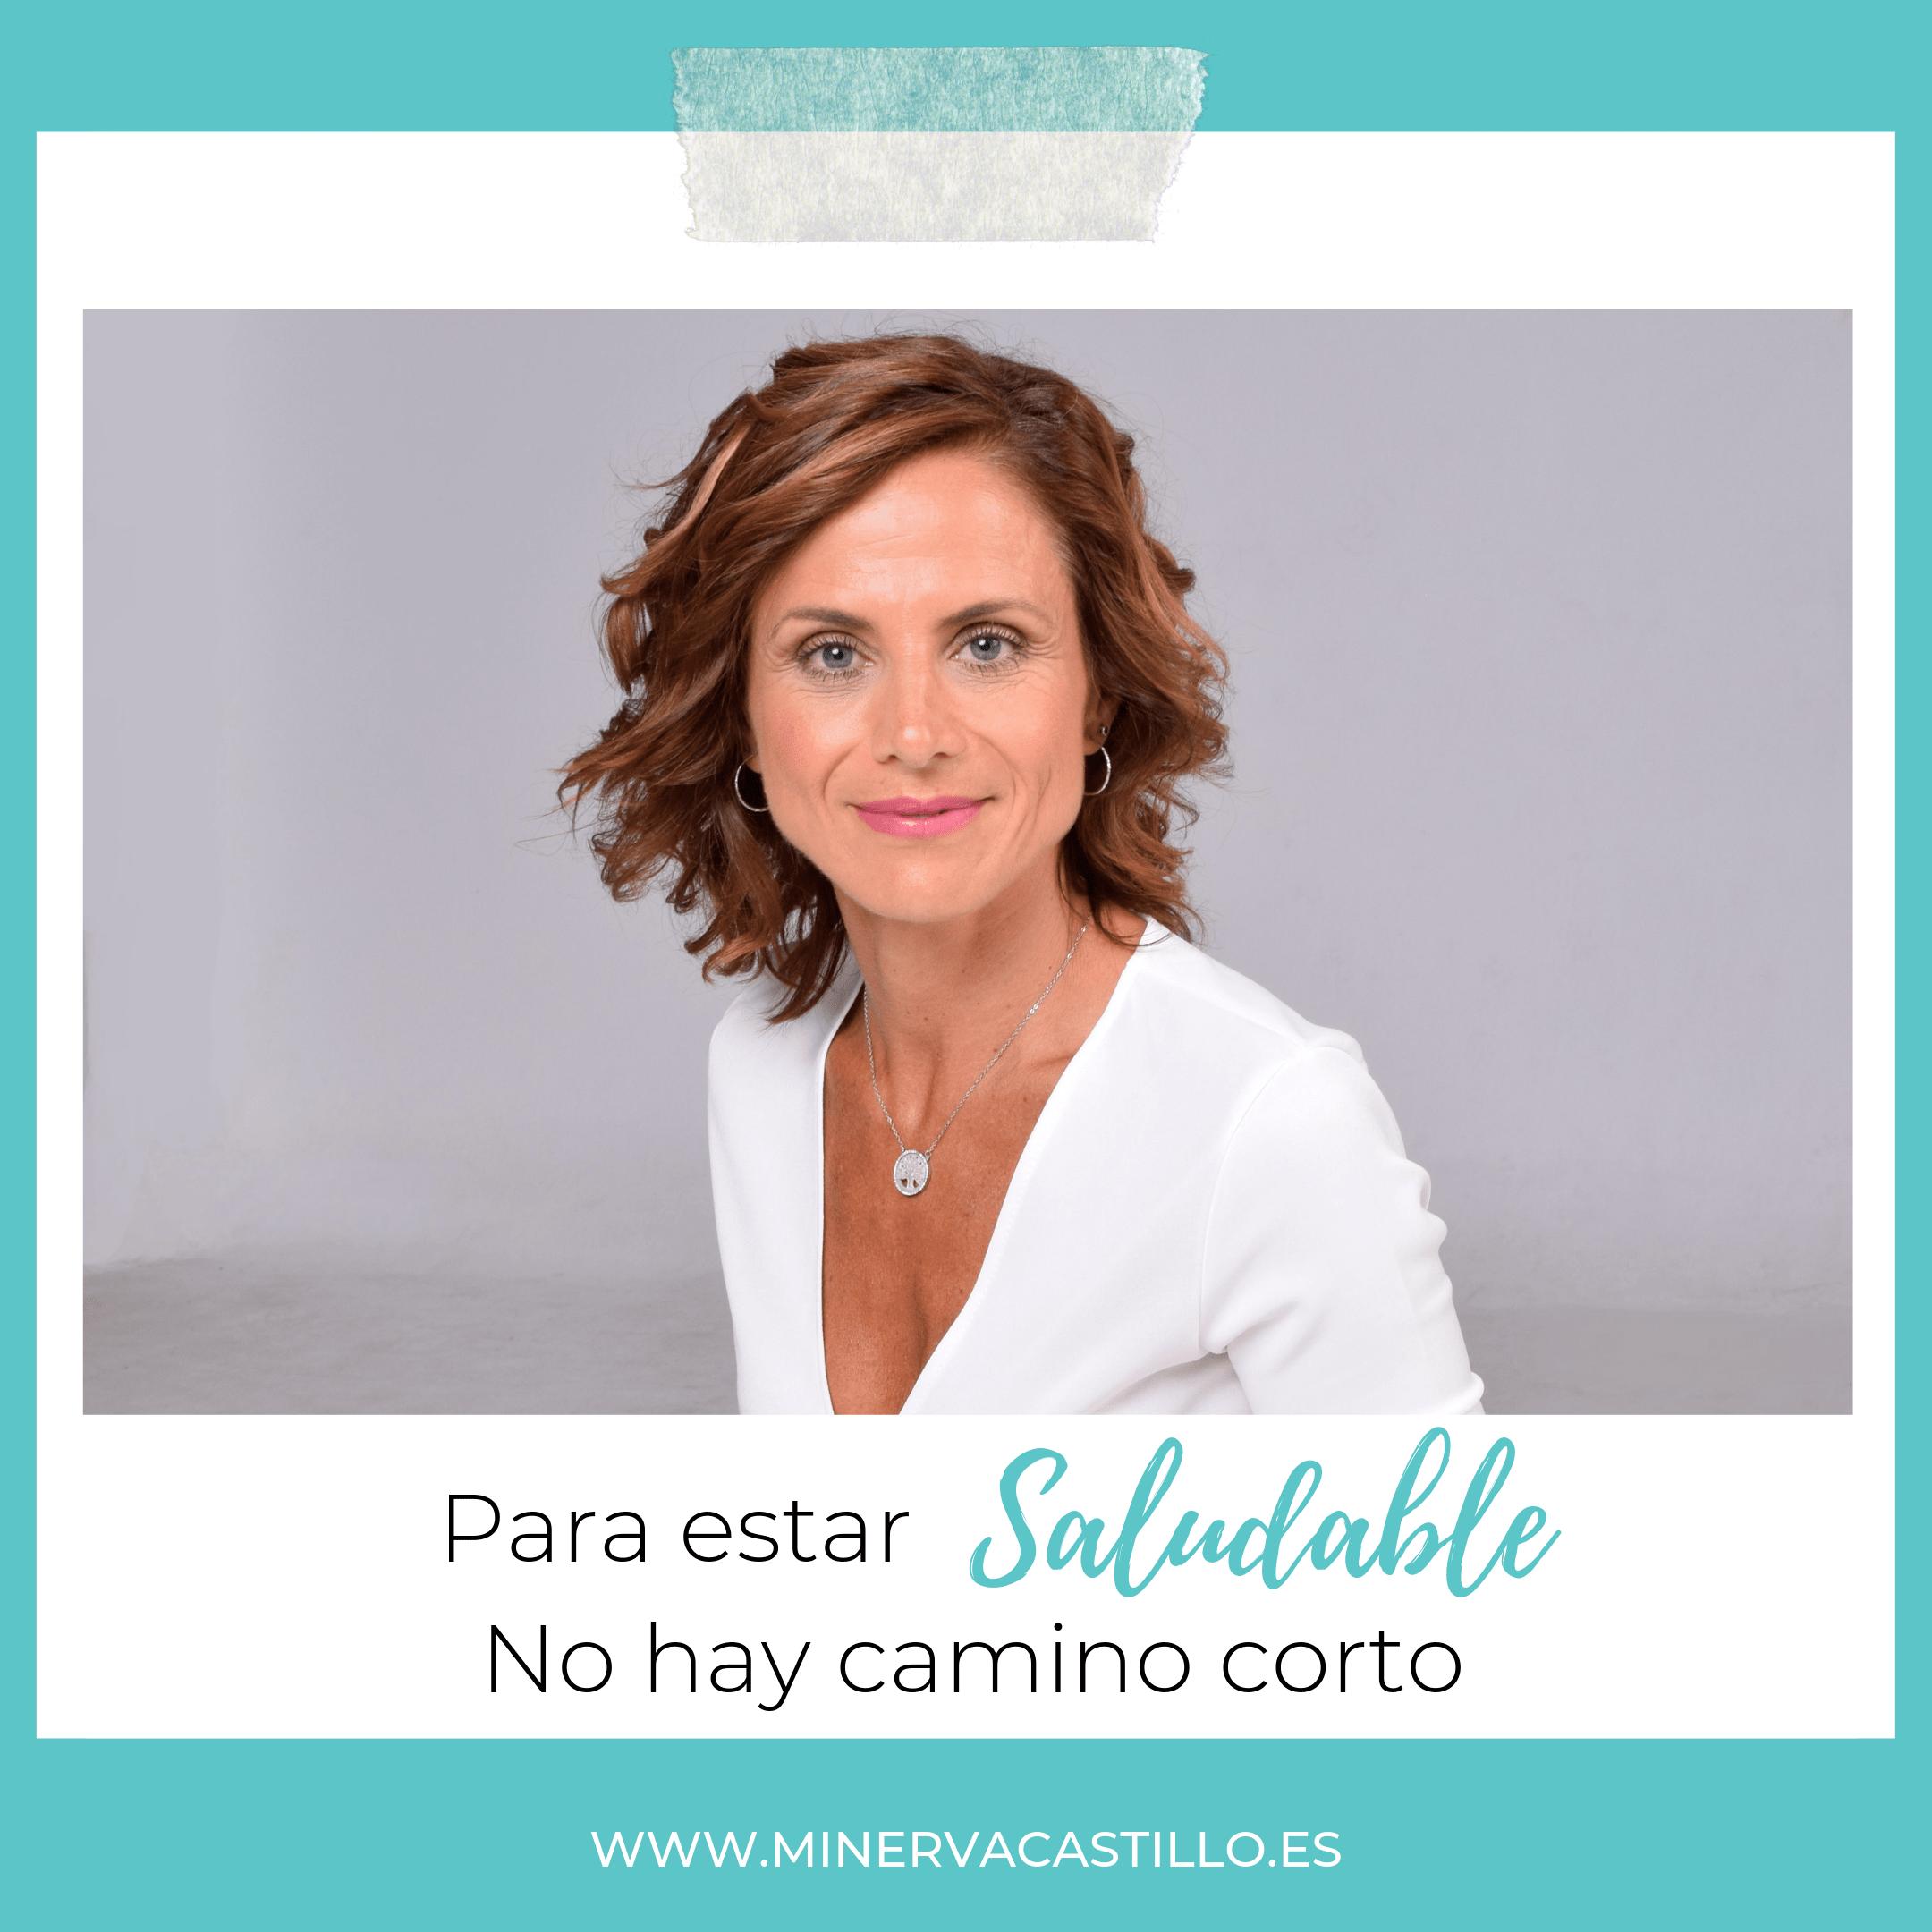 Minerva_Castillo Coach Salud y Bienestar Habitos Empresa saludable